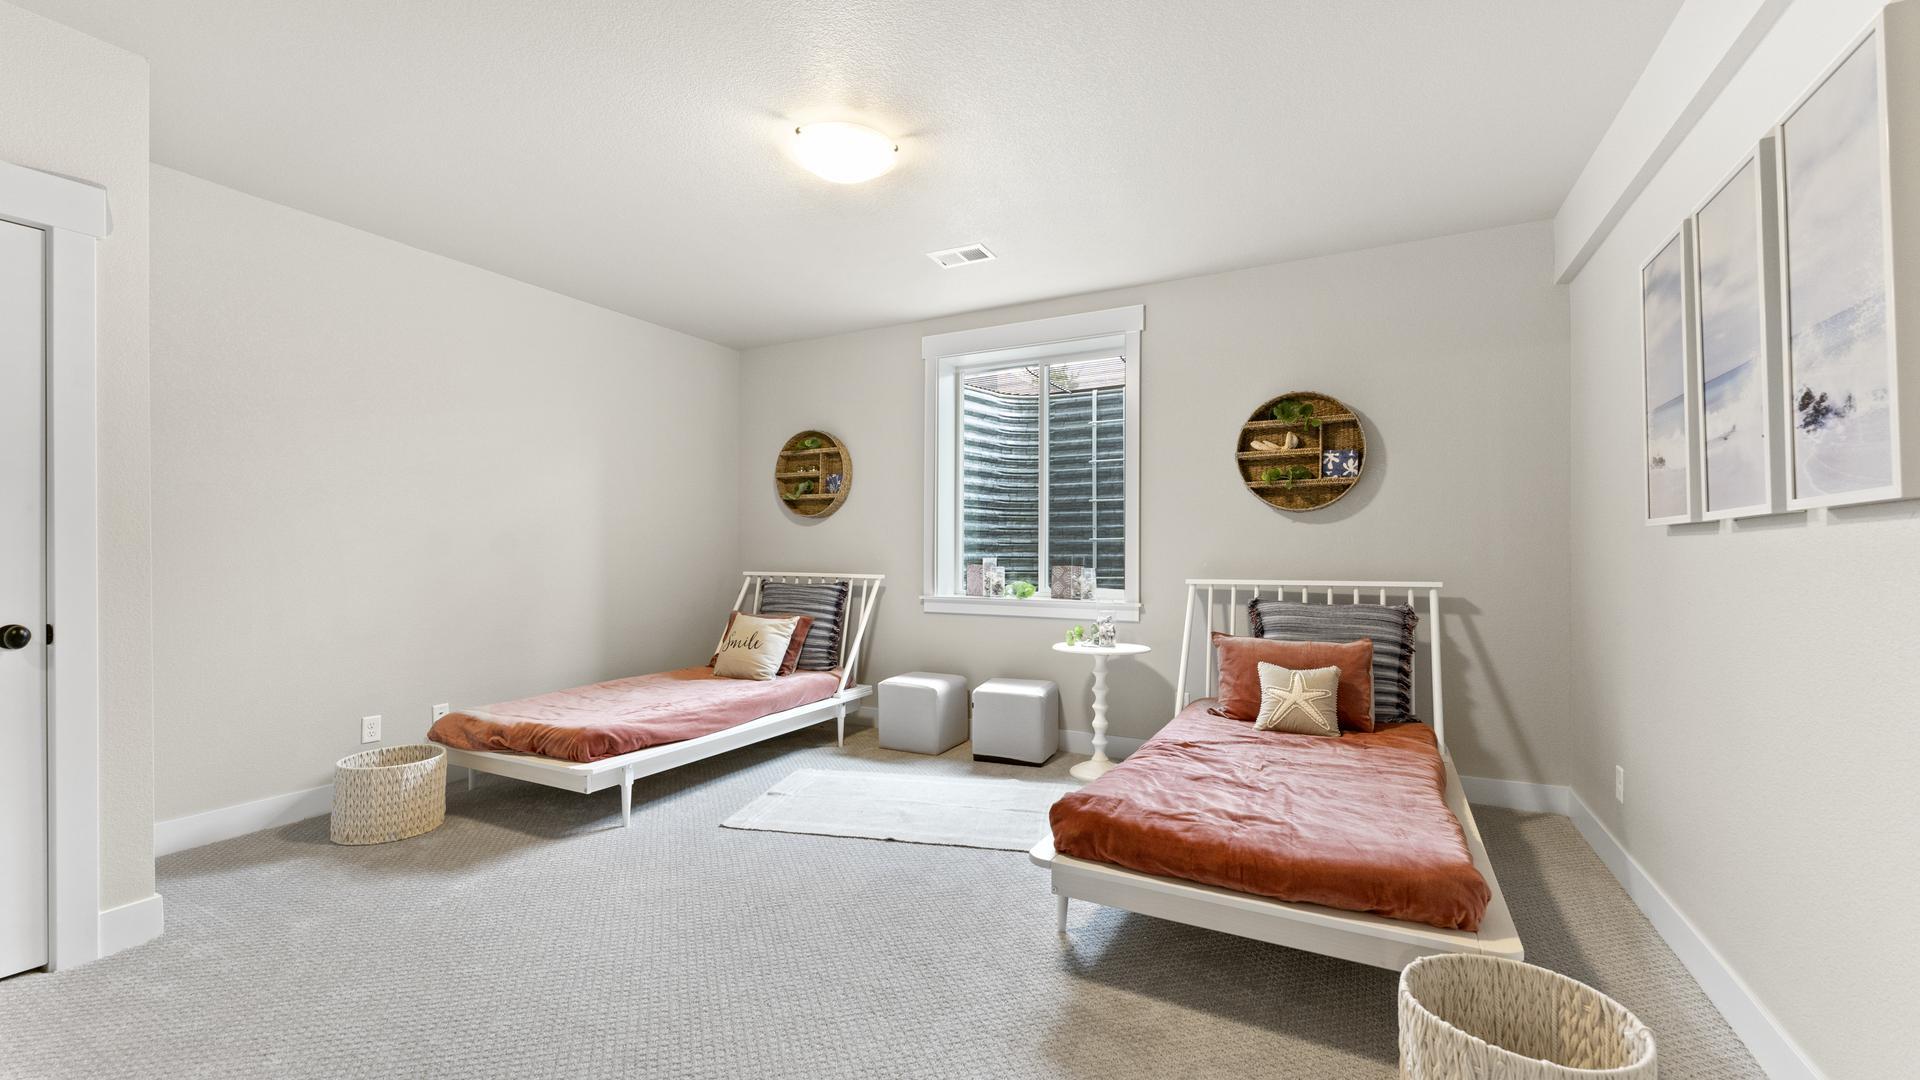 Finished Basement - bedroom